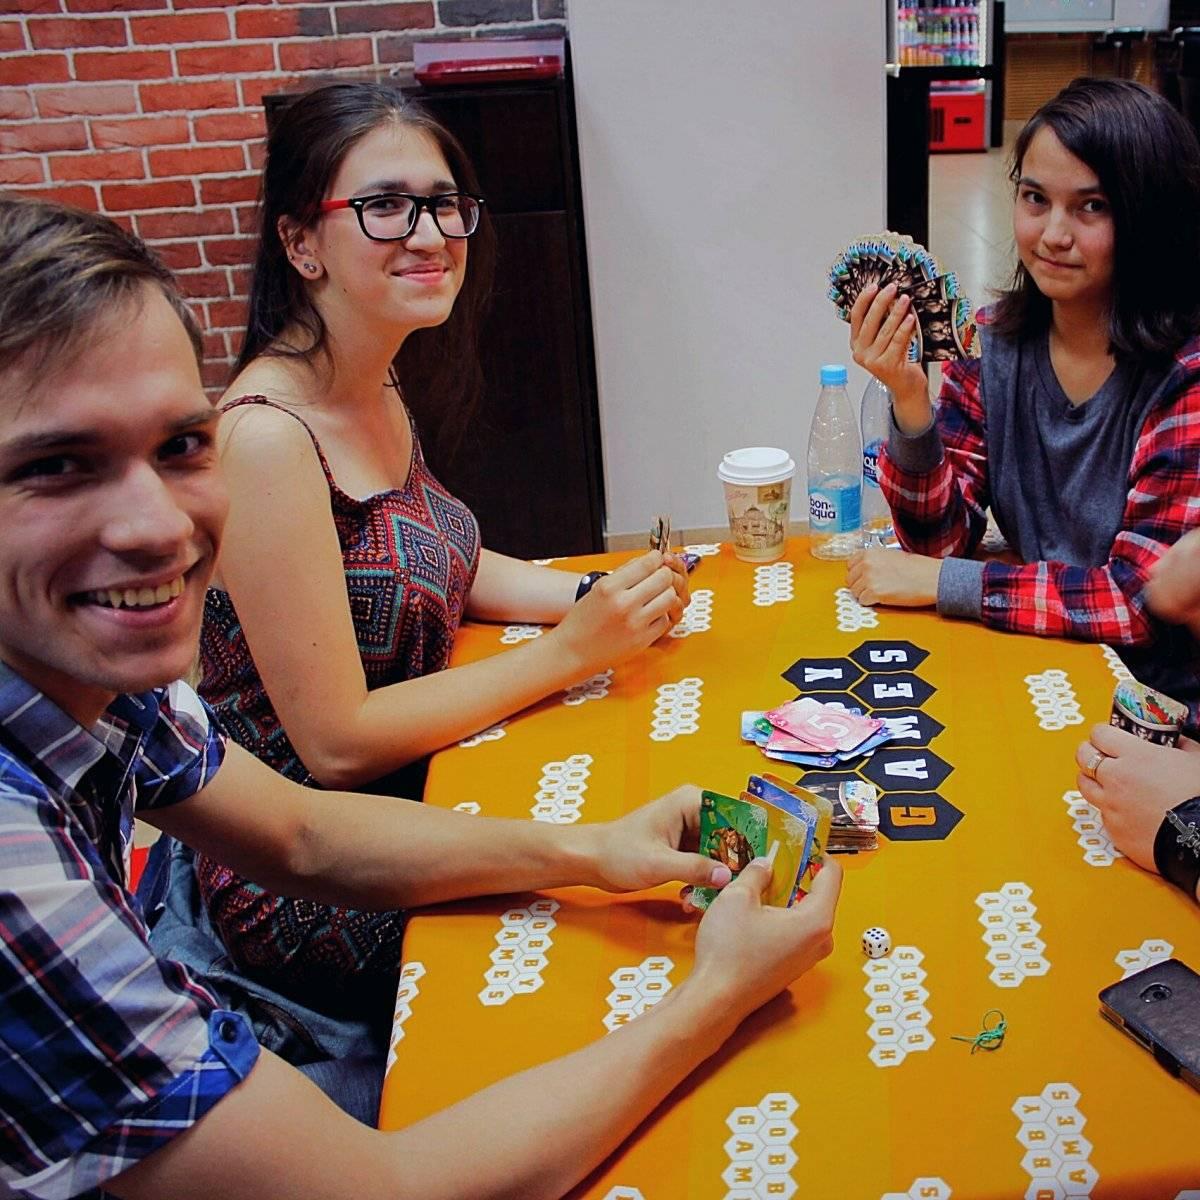 Карточные игры как хобби и увлечение